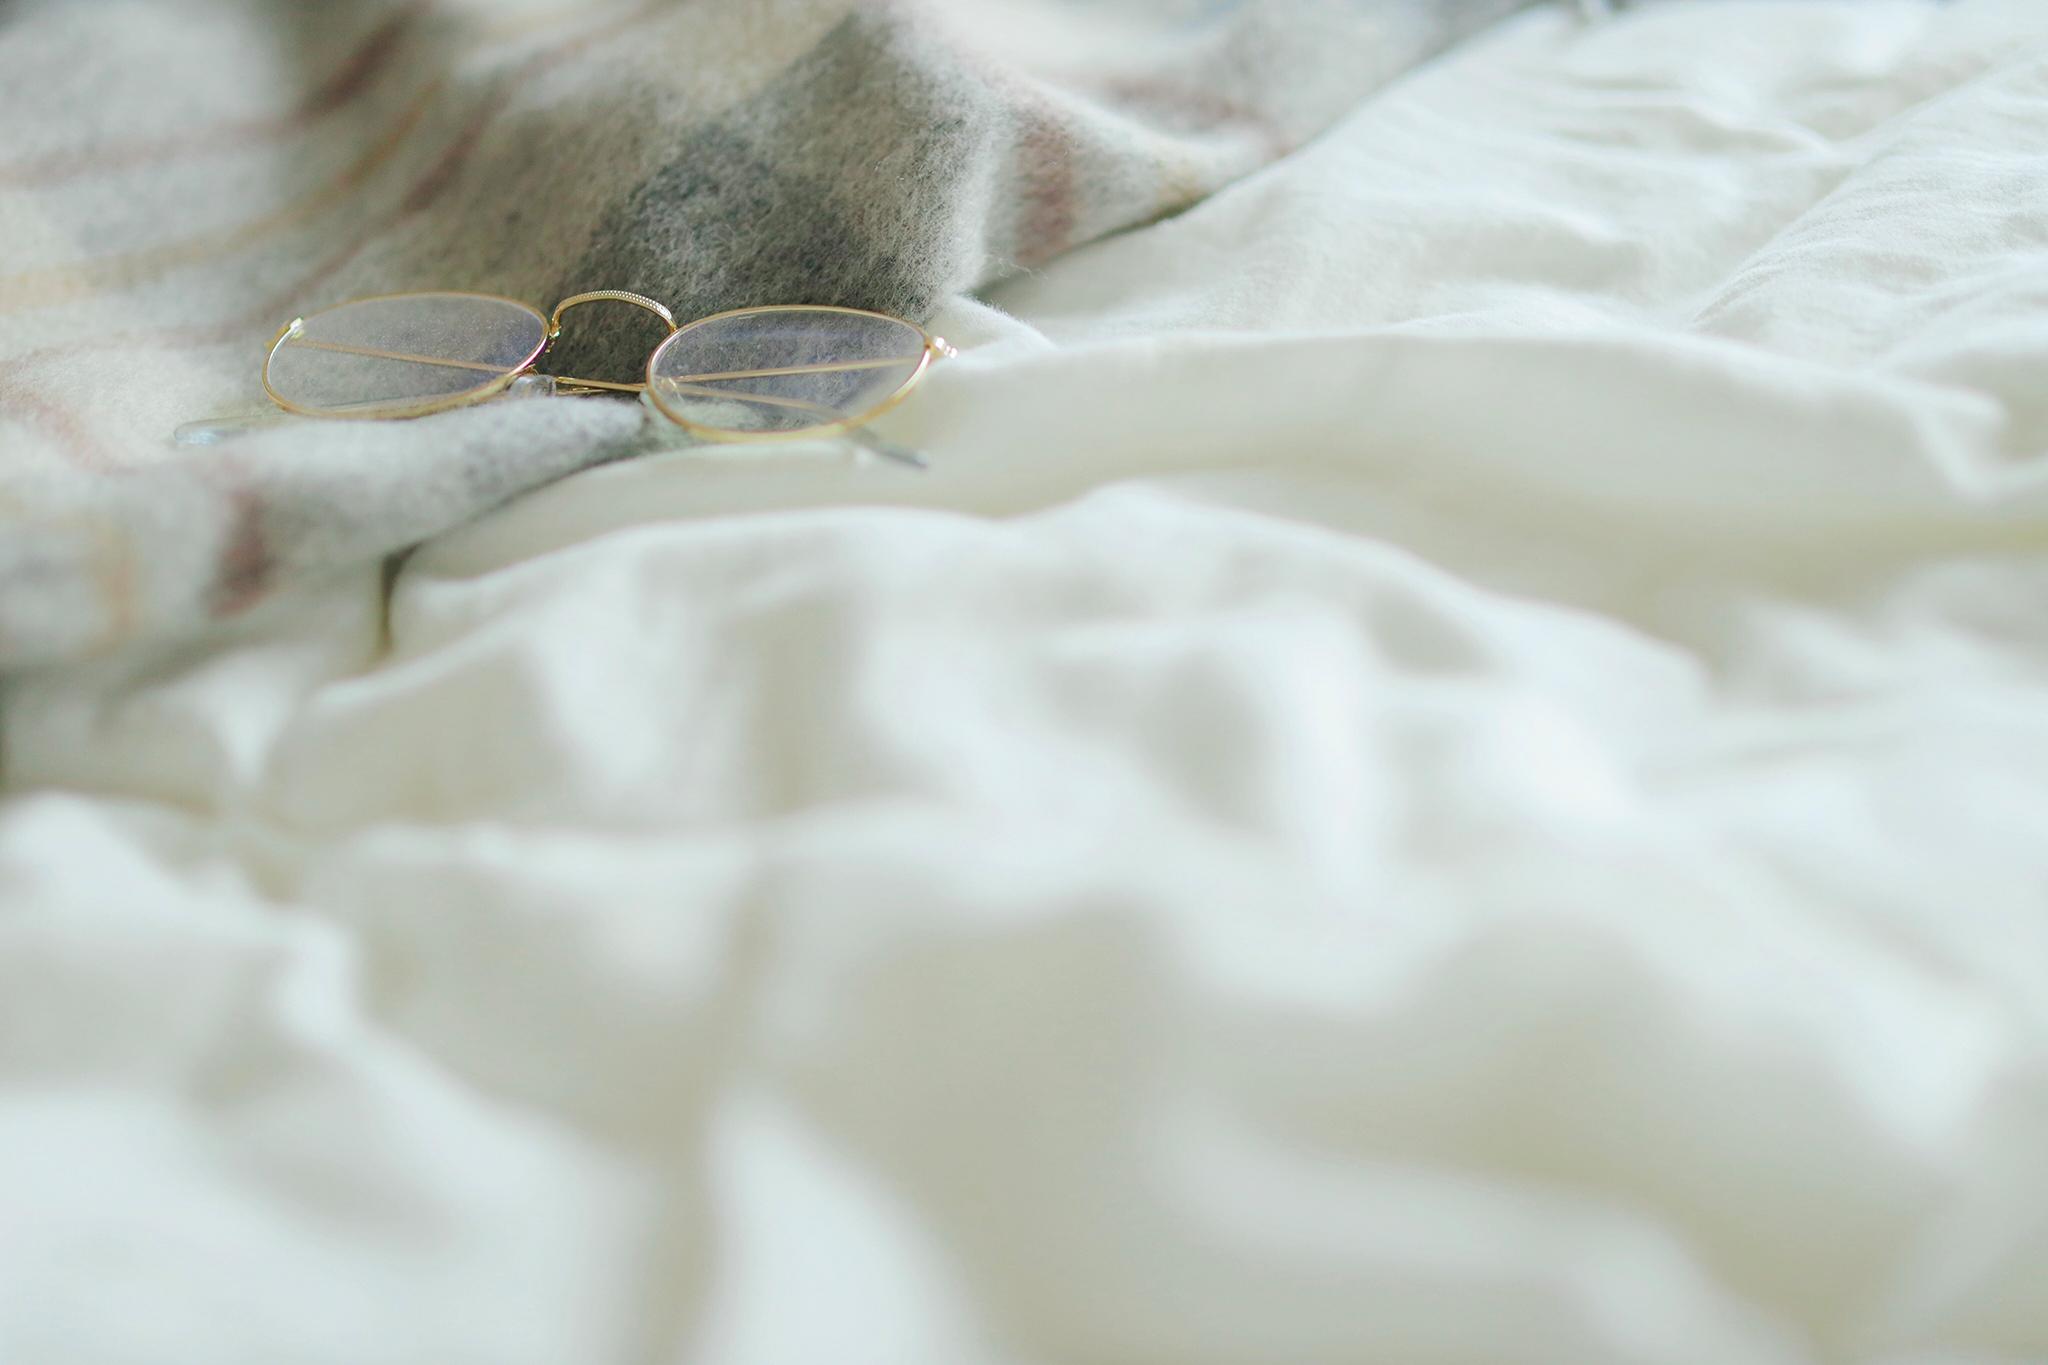 毎日夜の寒さで、寝つくのも時間がかかる